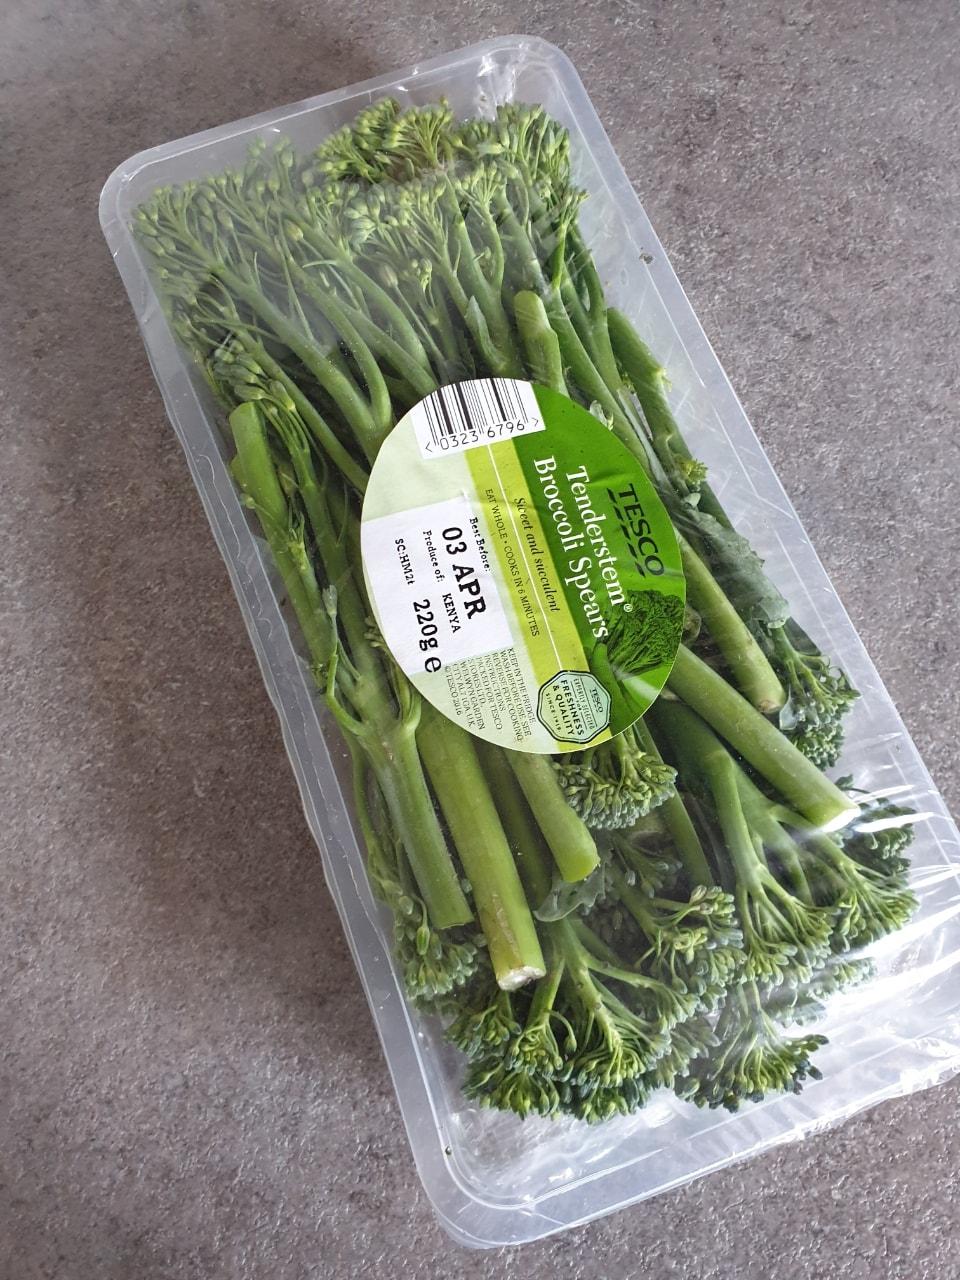 Tenderstem broccoli best before 03rd April